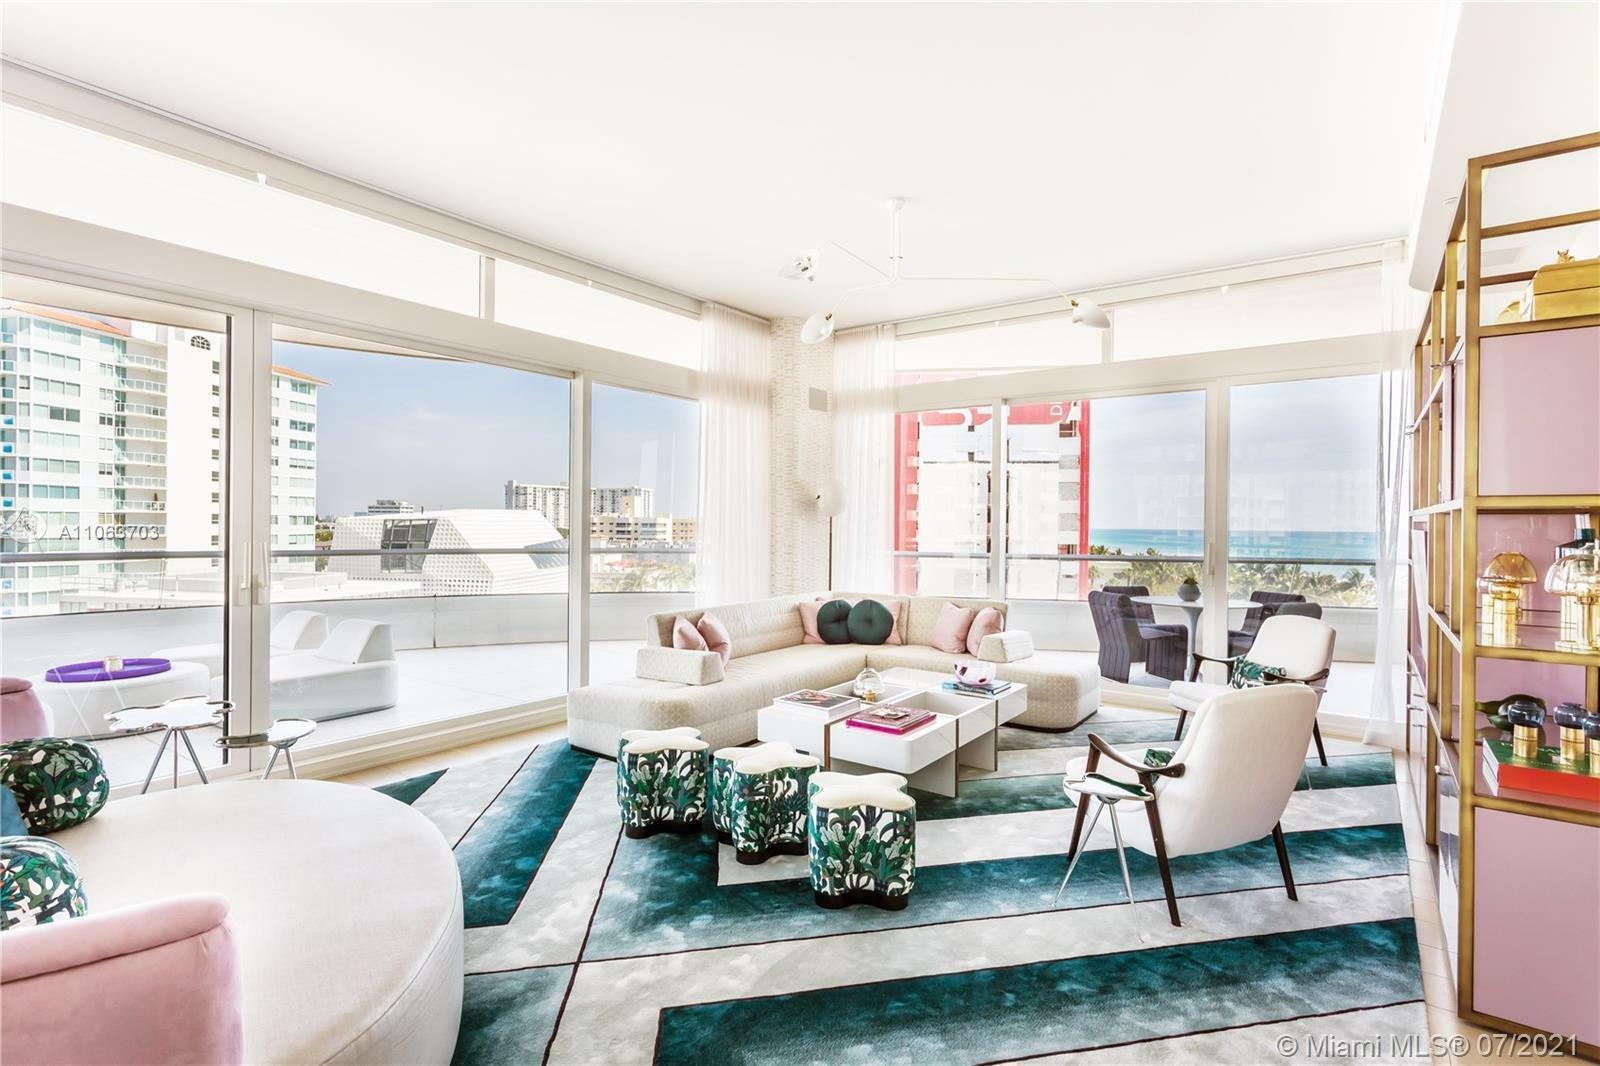 Condo in Miami Beach, Florida, United States 1 - 11531884